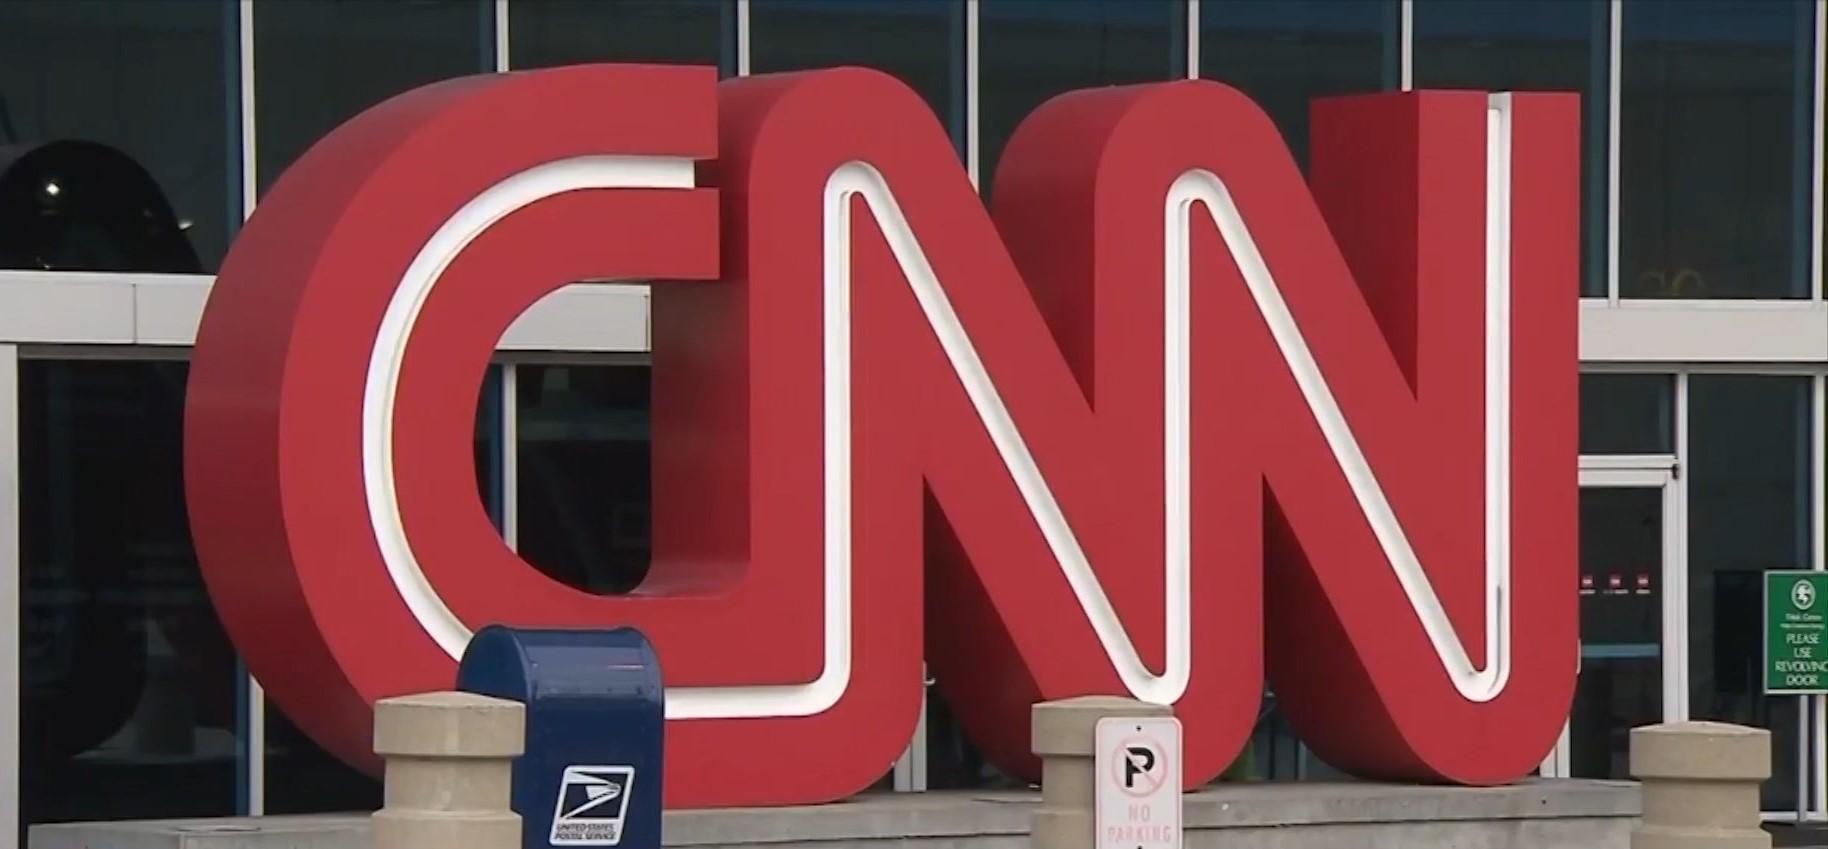 Tjetër pako-bombë për CNN, rasti i tretë brenda javës